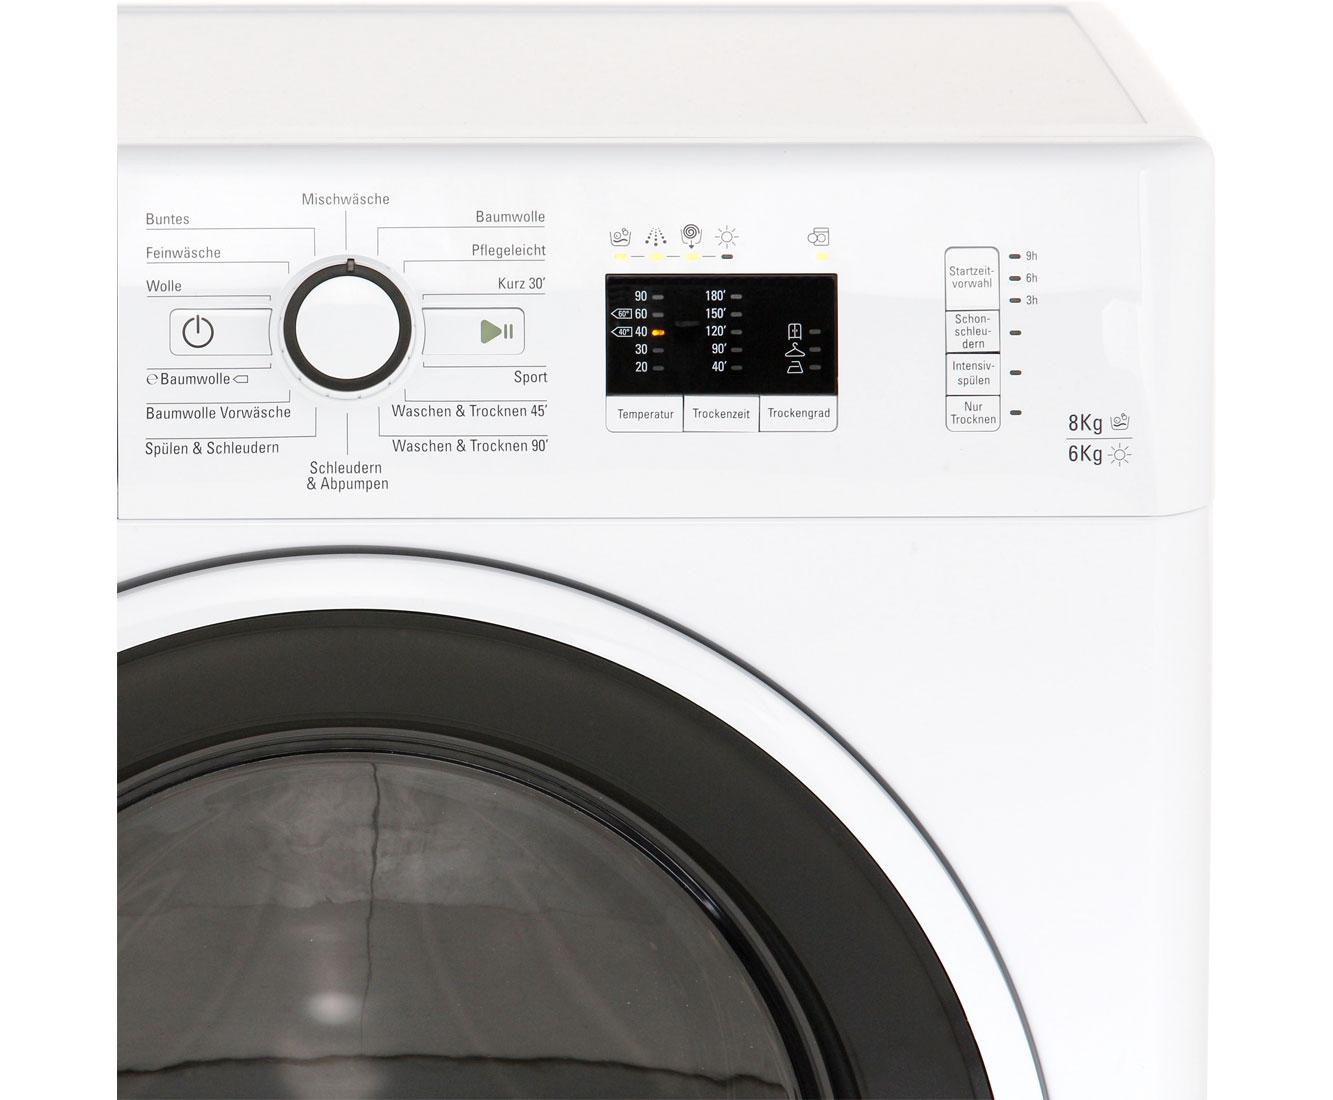 Bauknecht watk prime 8612 waschtrockner 8 kg waschen 6 kg